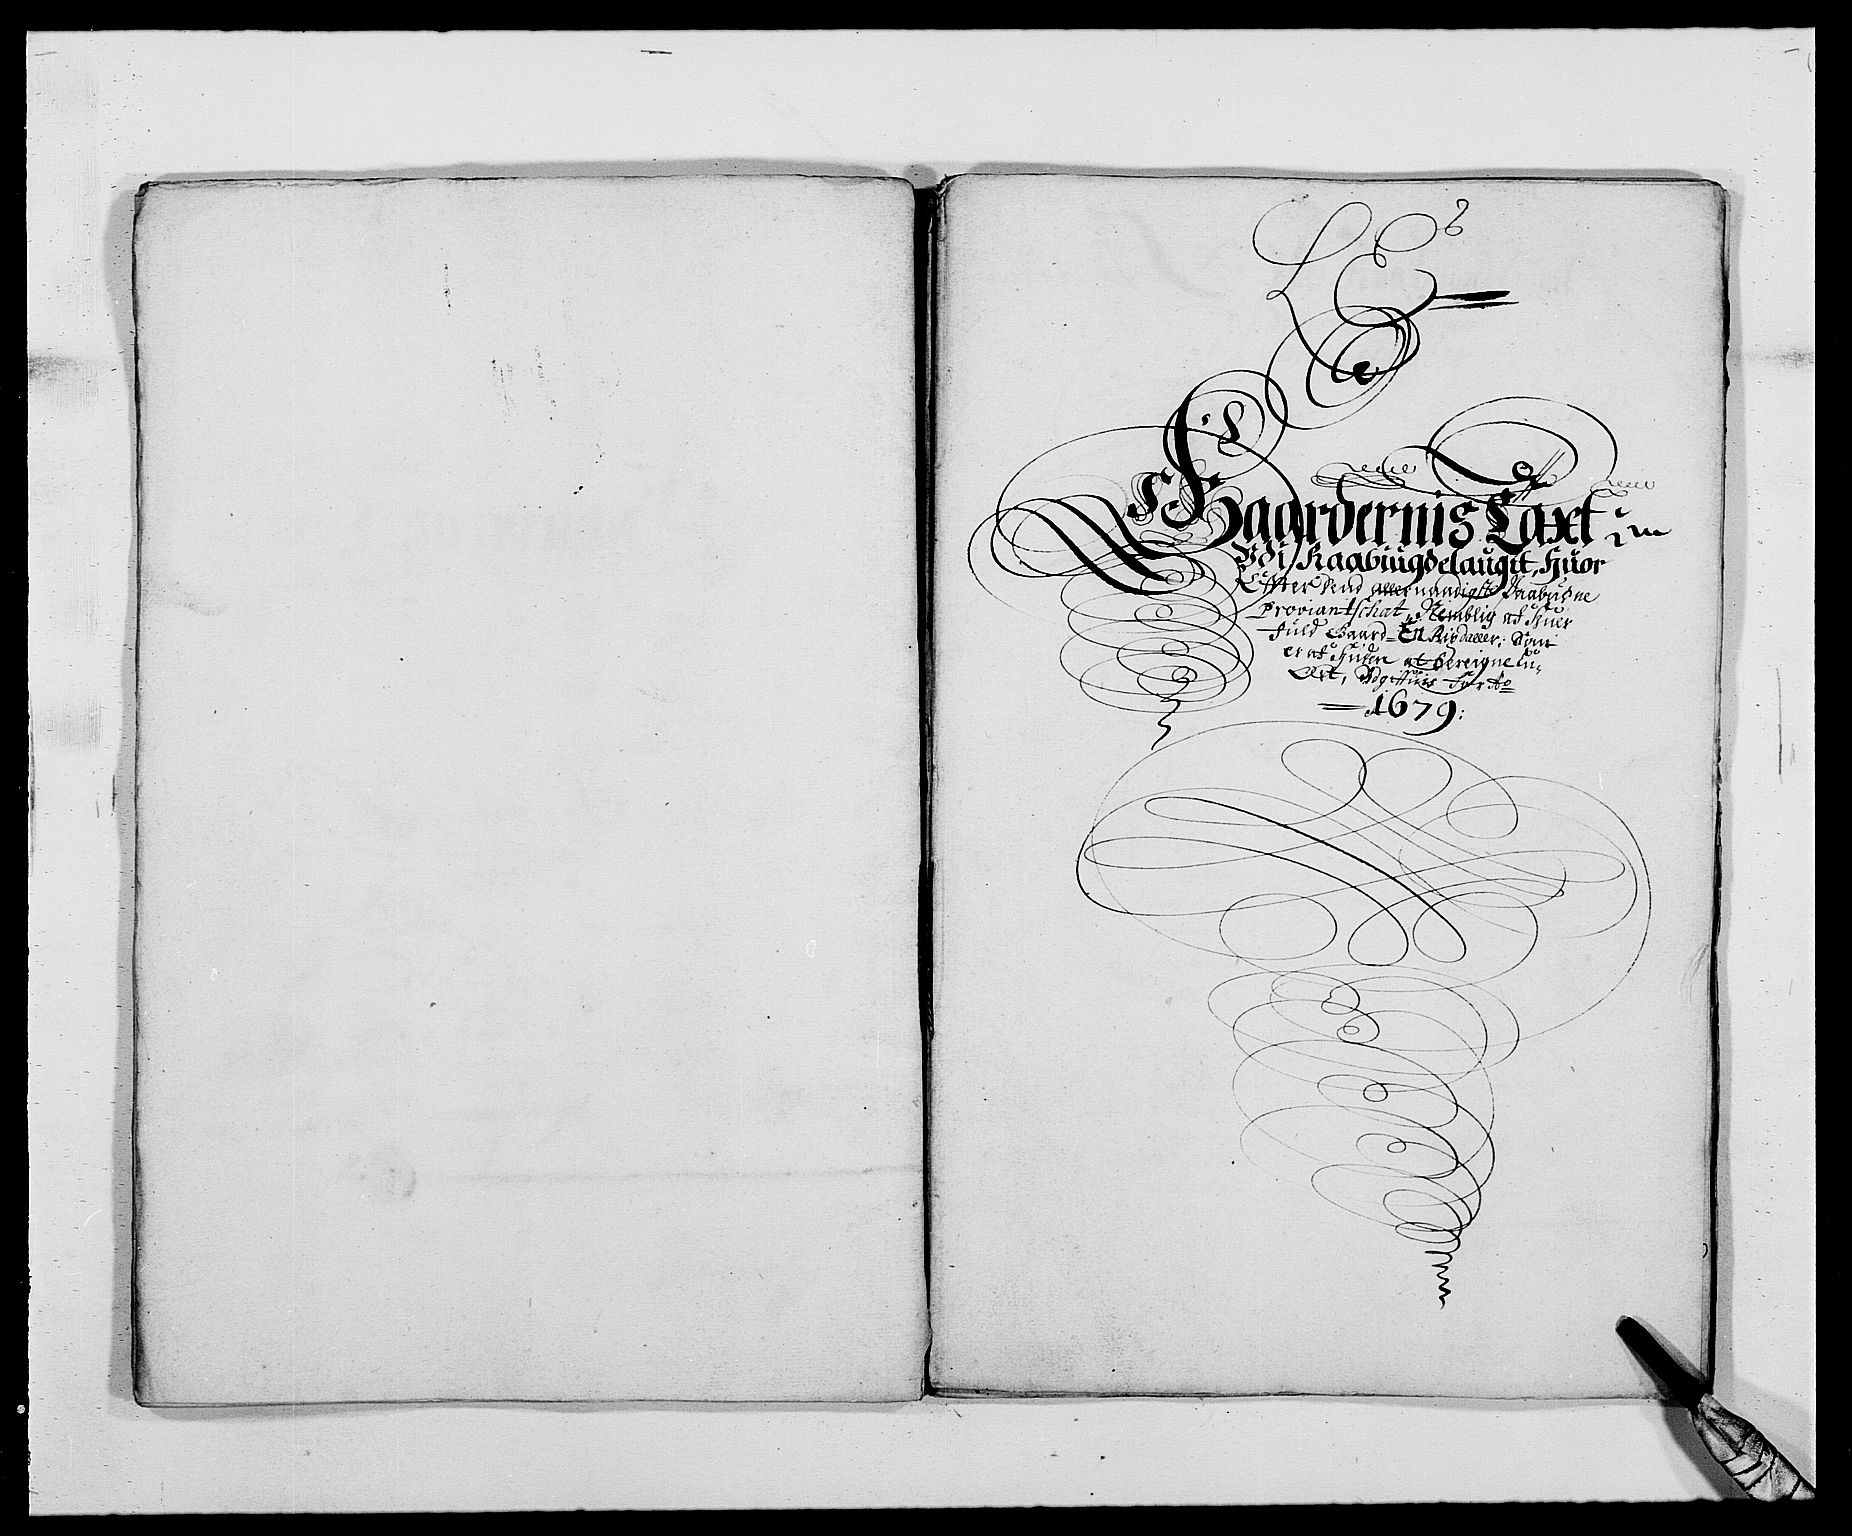 RA, Rentekammeret inntil 1814, Reviderte regnskaper, Fogderegnskap, R40/L2436: Fogderegnskap Råbyggelag, 1679-1680, s. 48